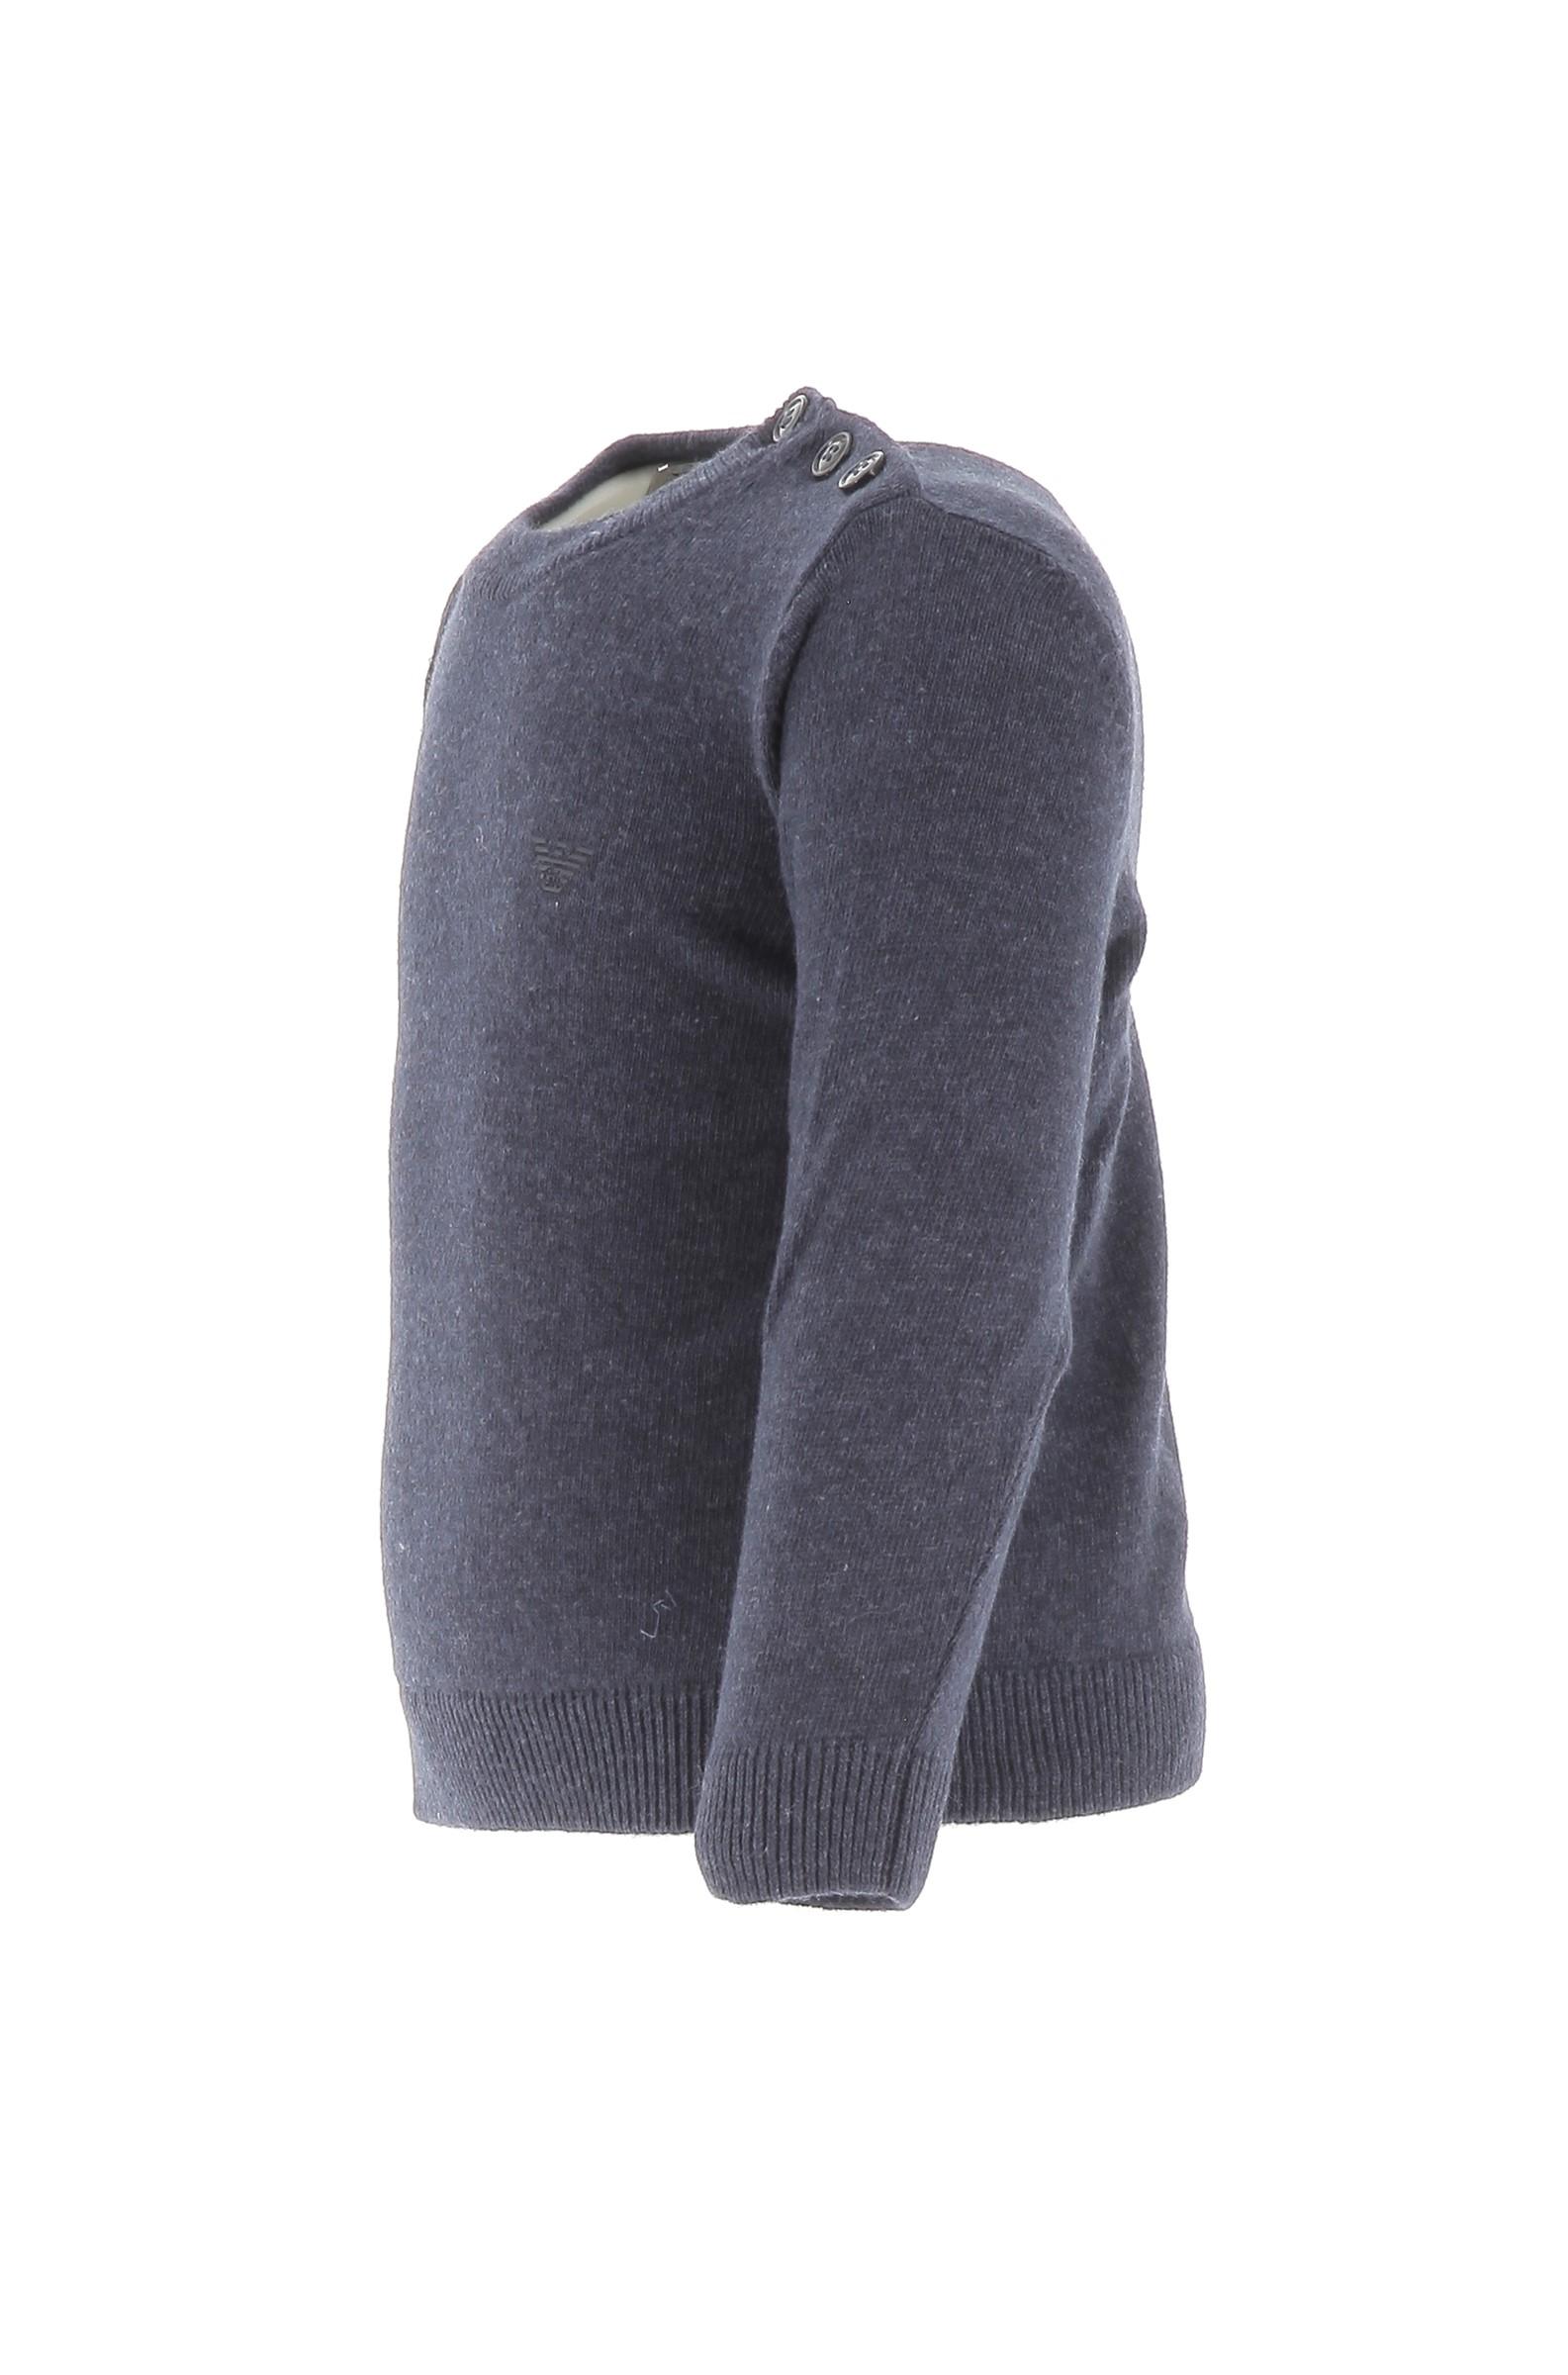 pullover Armani baby EMPORIO ARMANI | Pullover | 8NHM924M0EZ0930